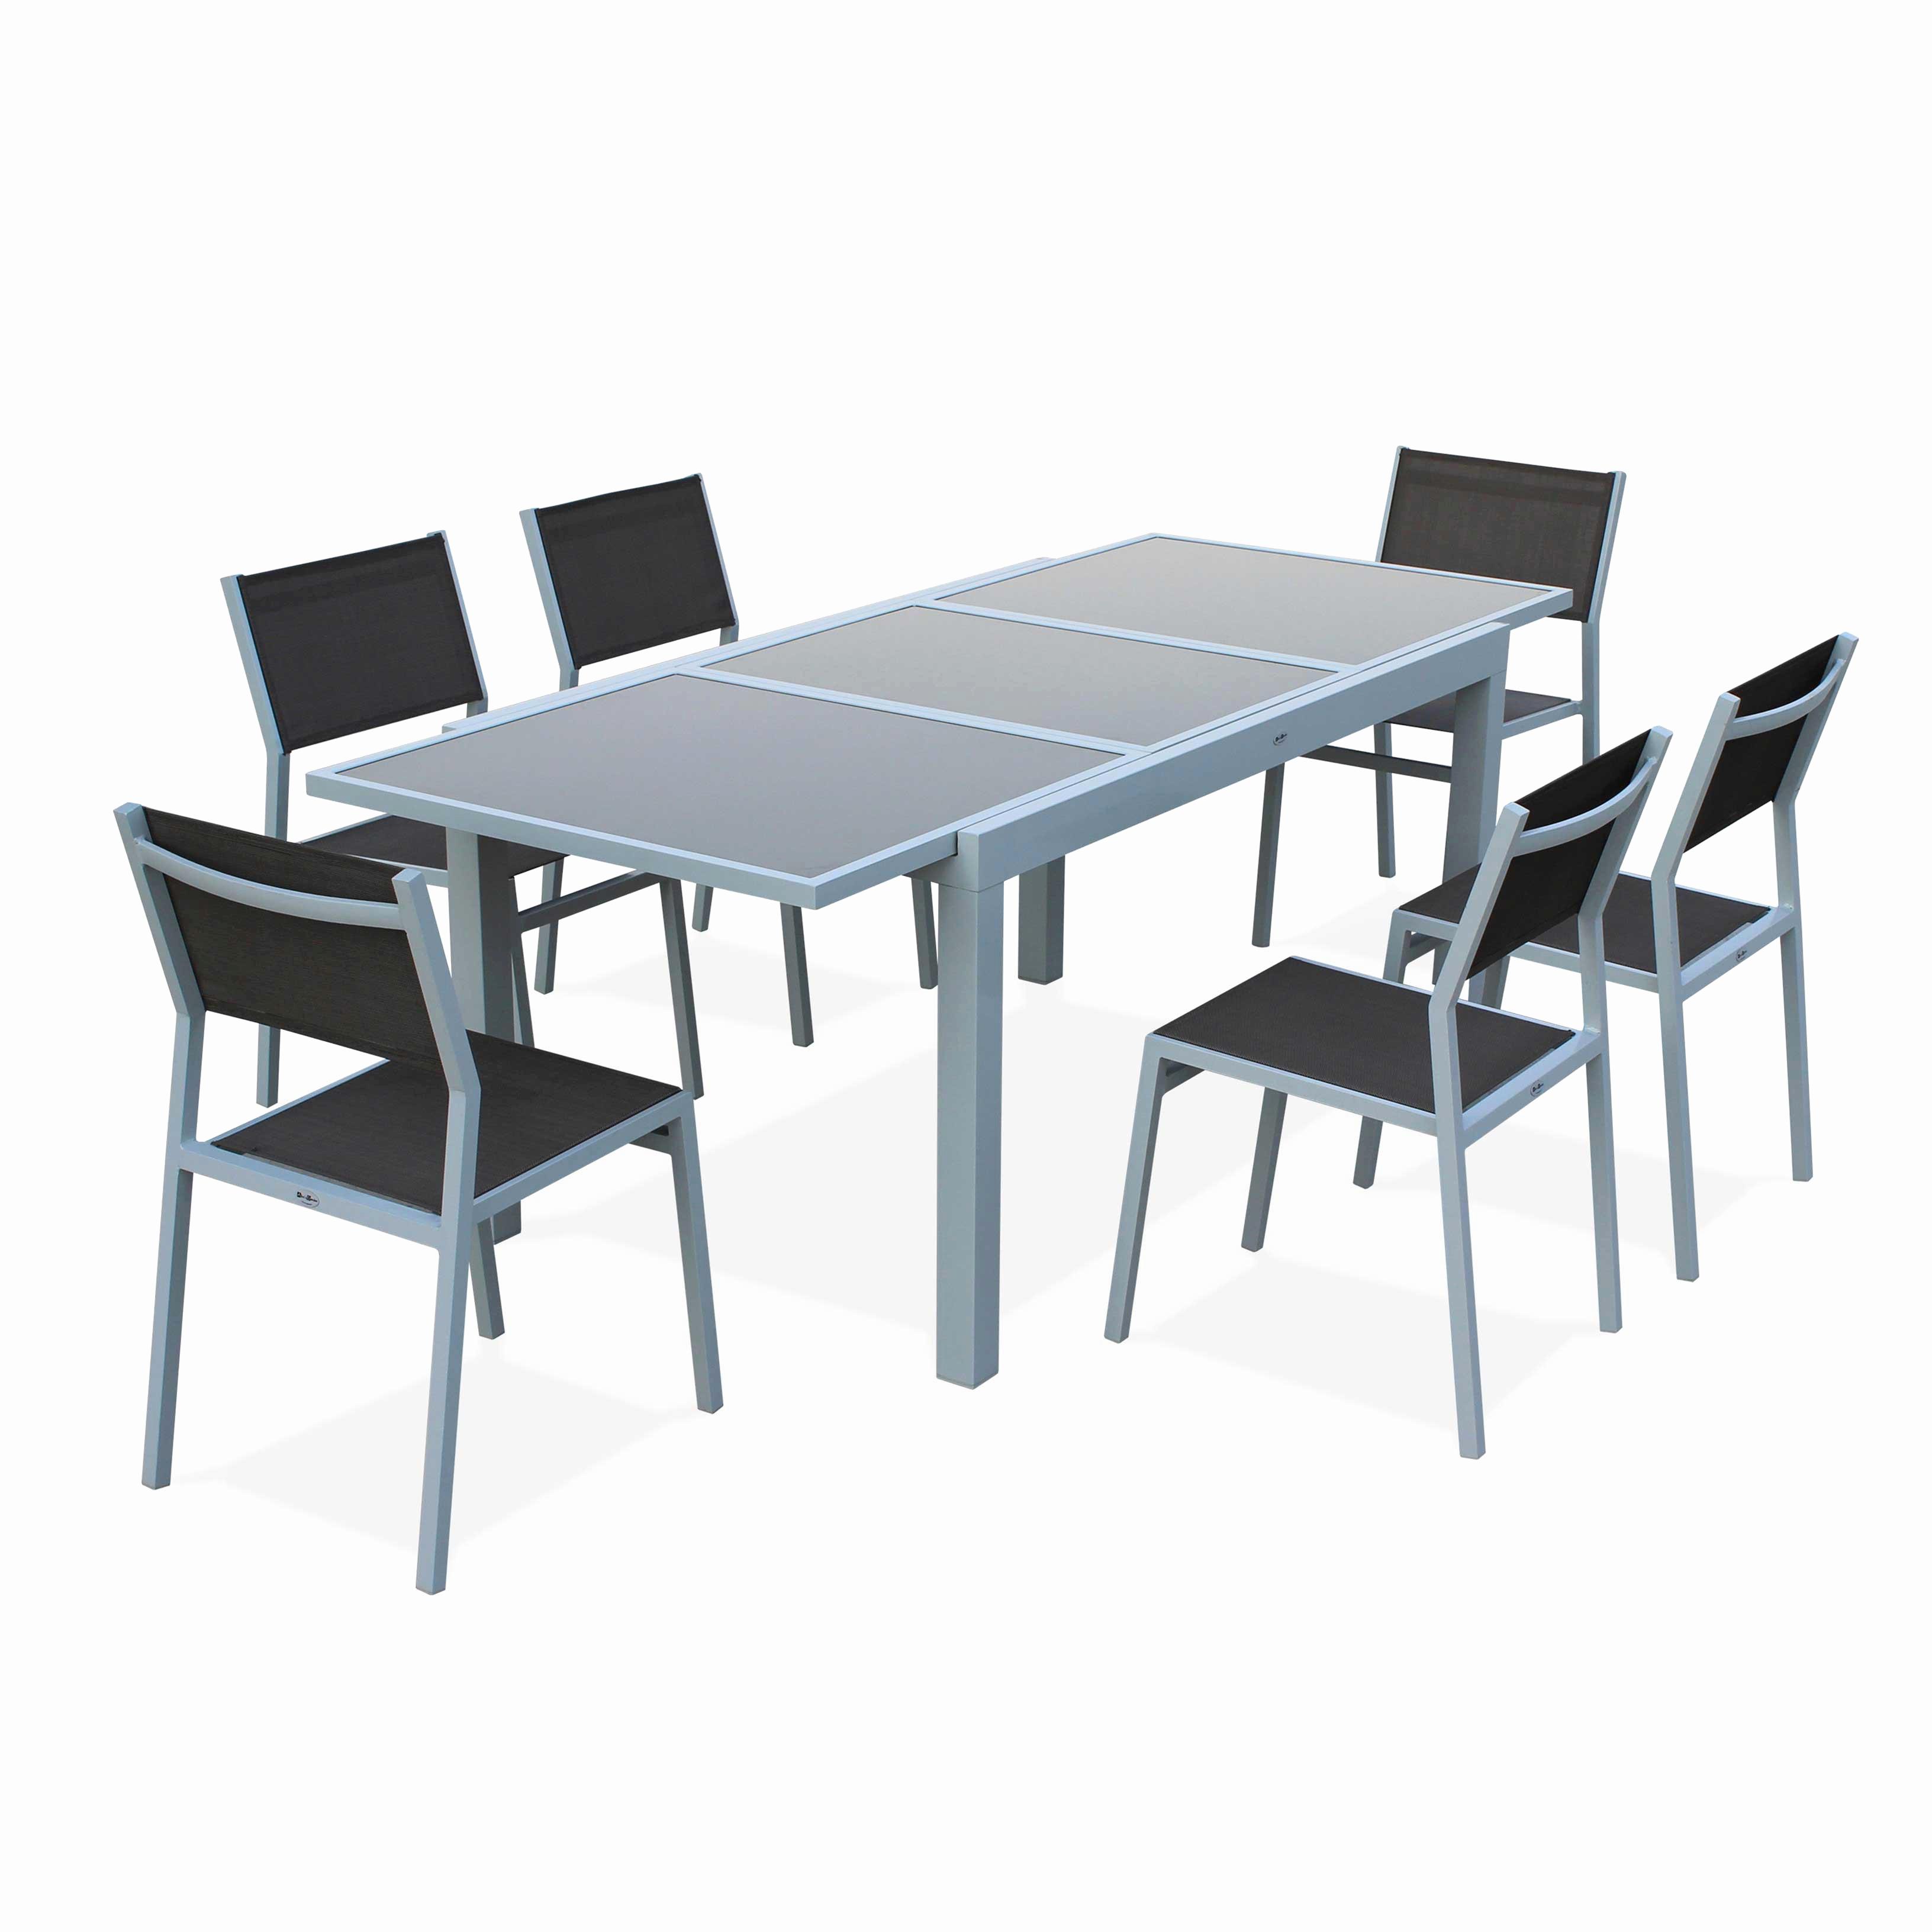 Table Et Chaises De Jardin Leclerc Unique Galerie tout Chaise De Jardin Leclerc